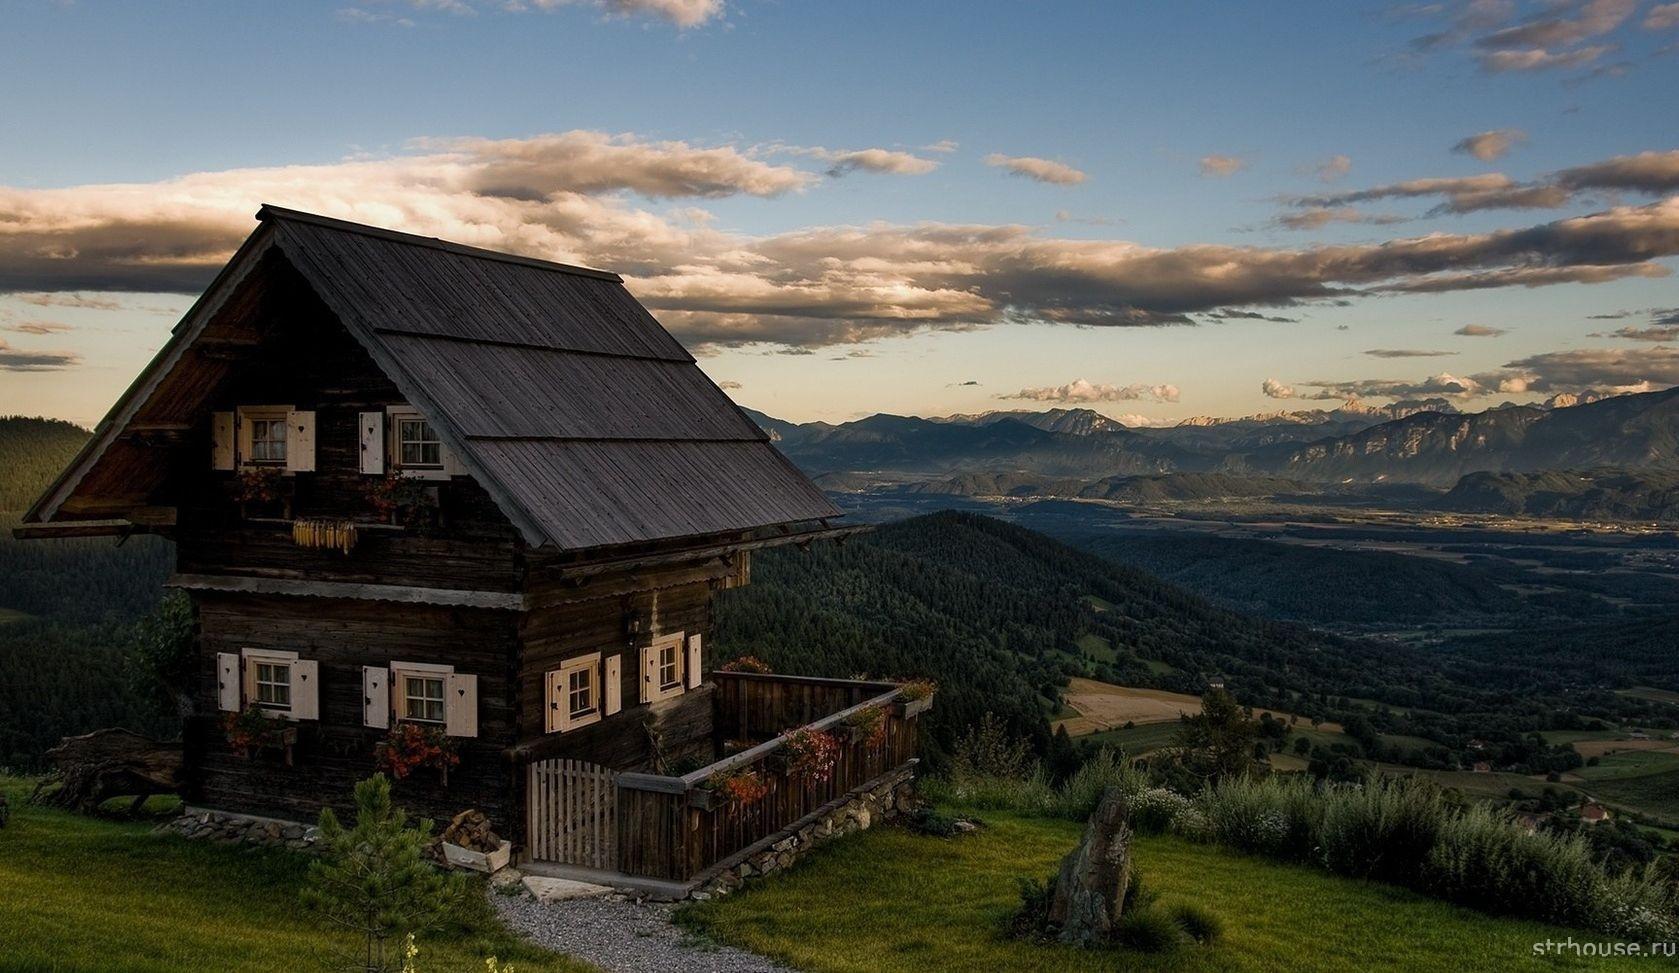 Дом на участке со сложным ландшафтом